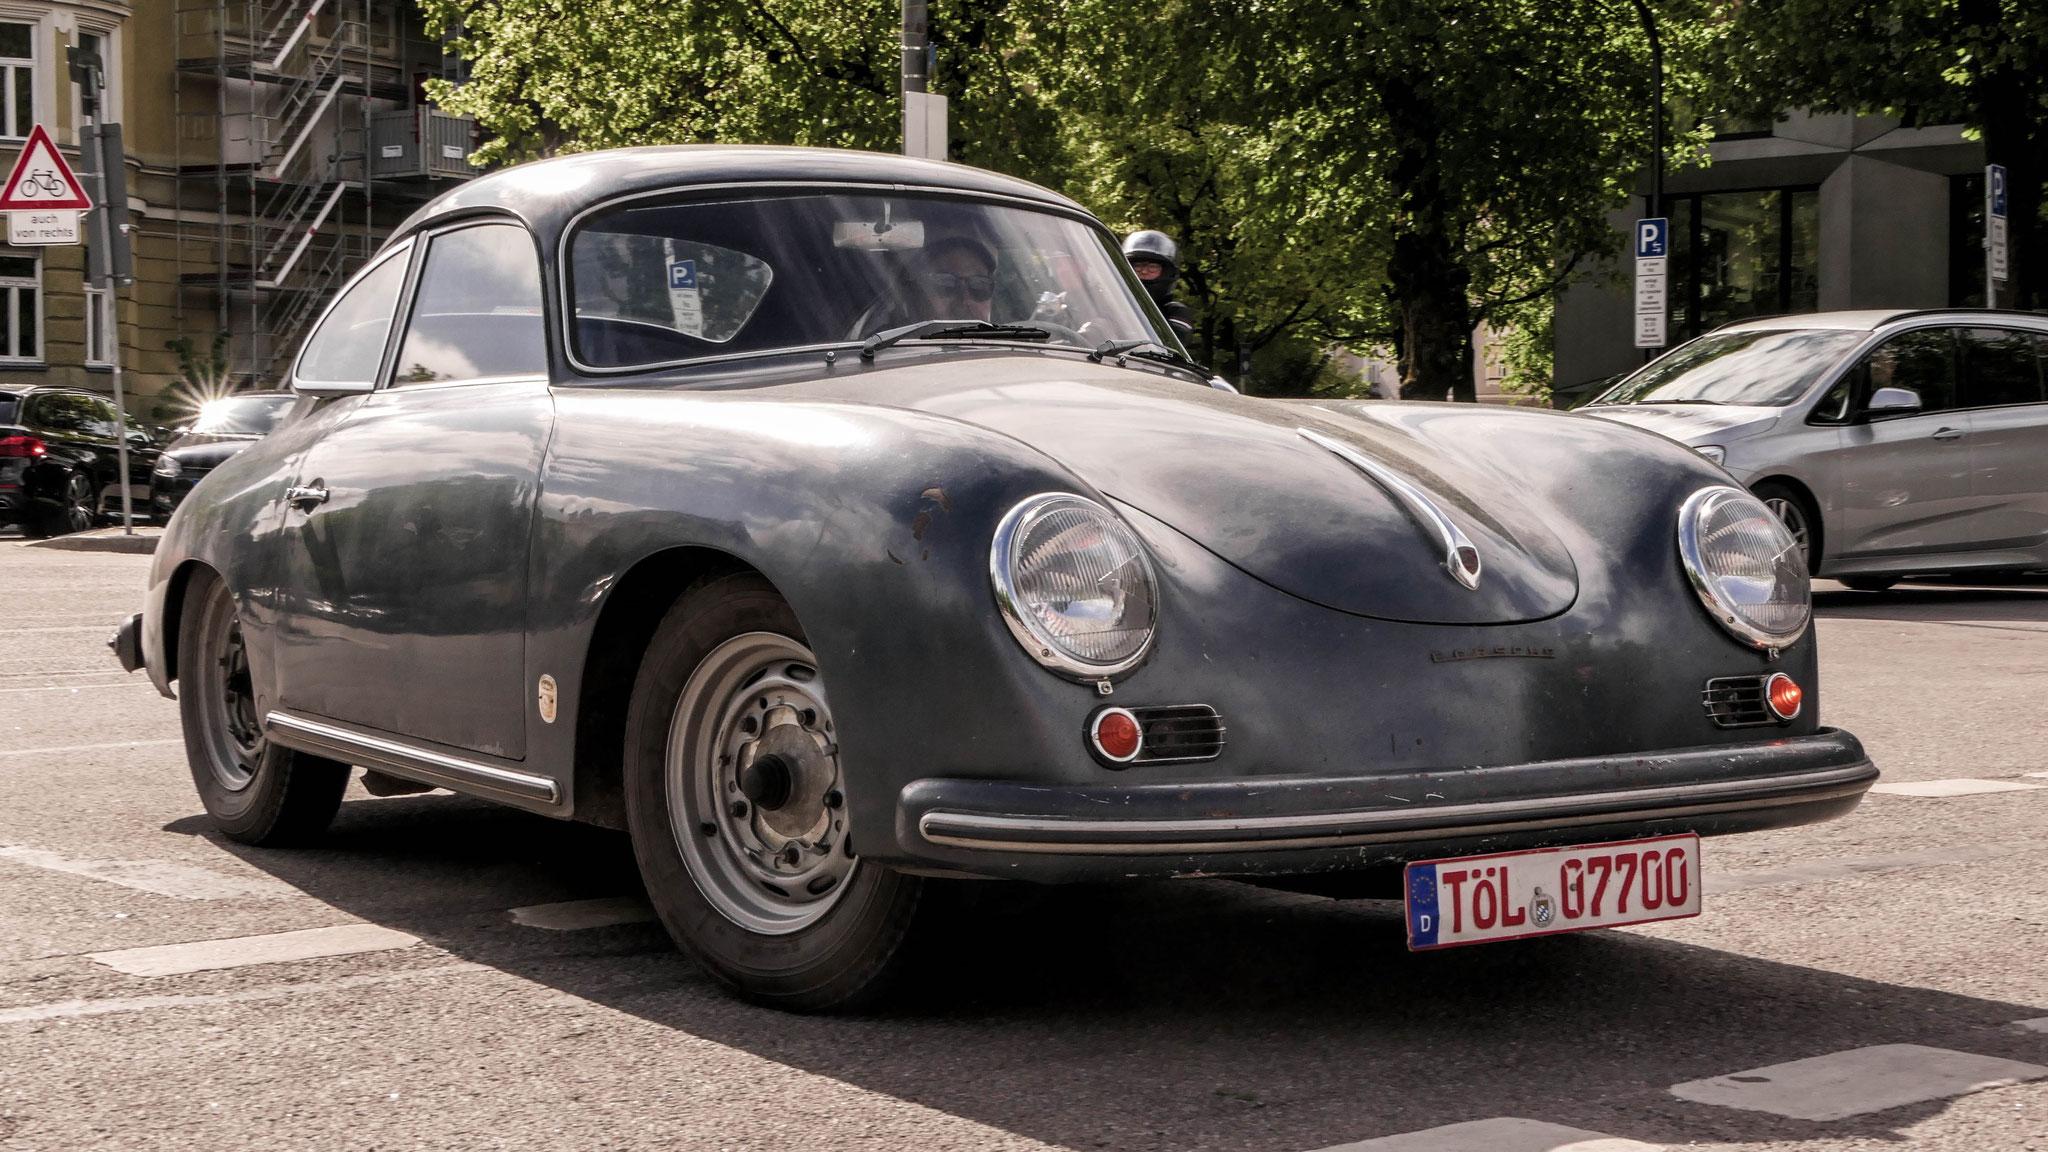 Porsche 356 S - TÖL-07700